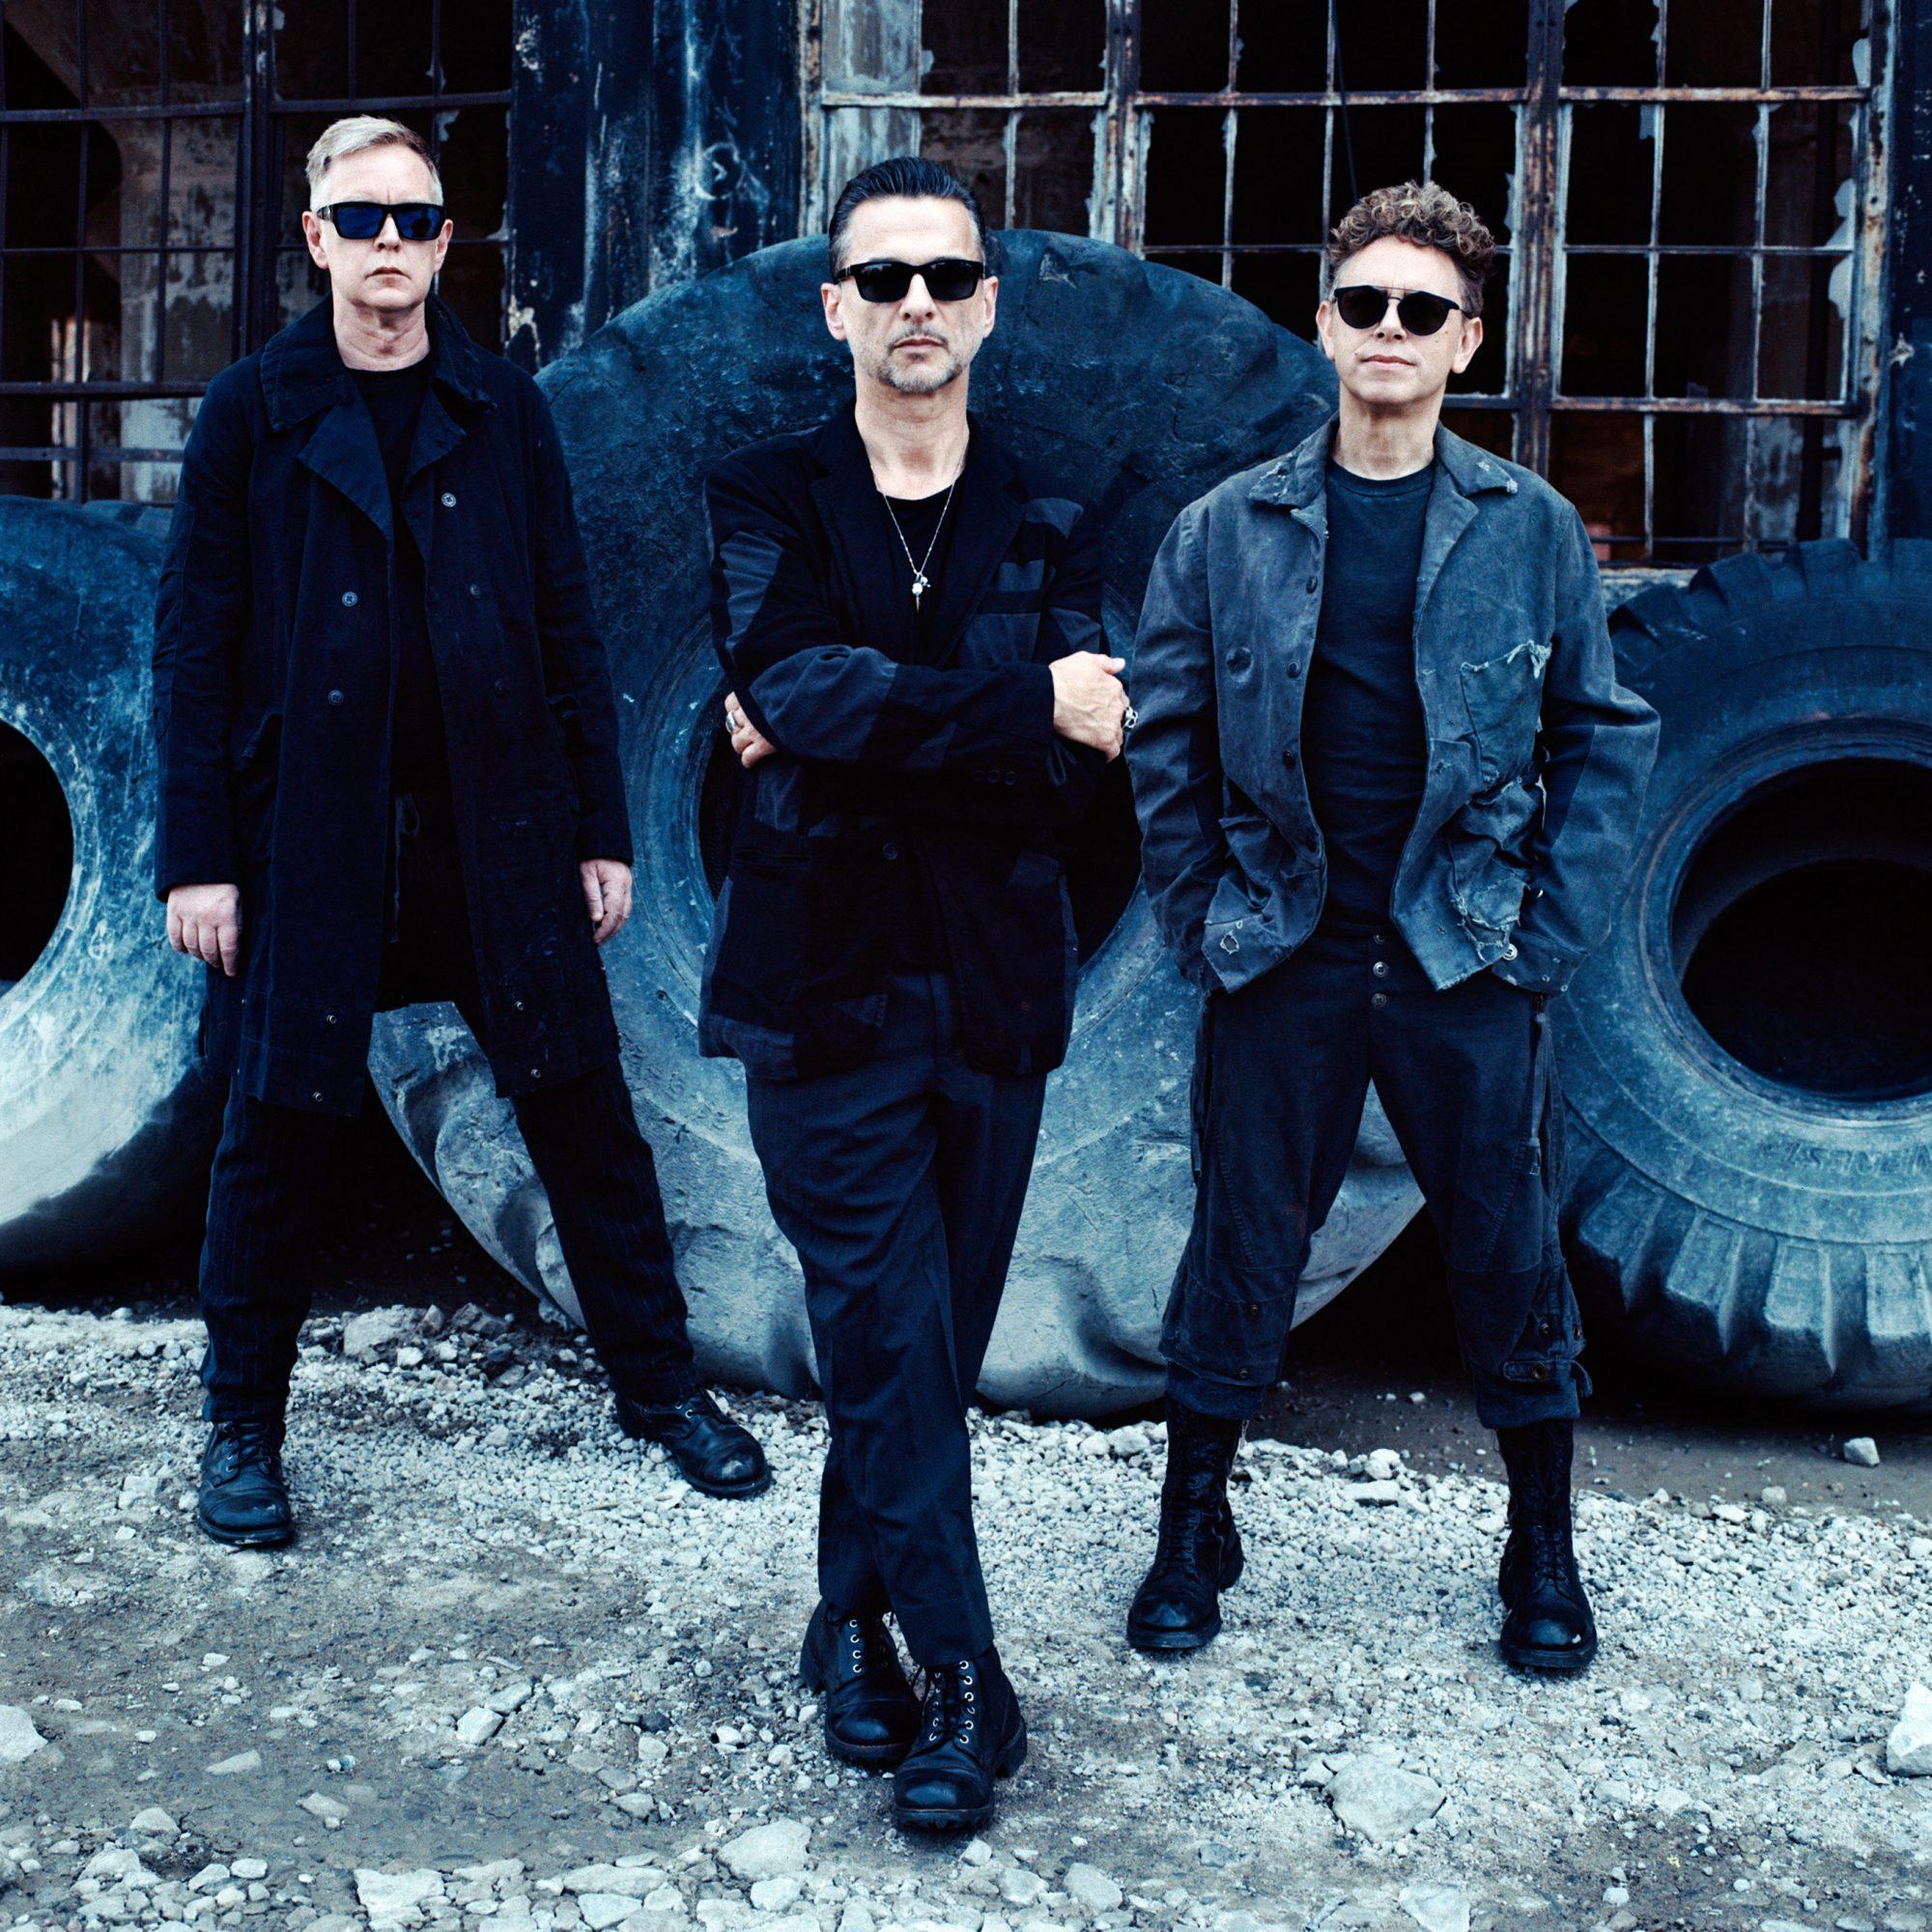 Depeche Mode (2017)Publicityndrew Fletcher, Dave Gahan, and Martin Gore.